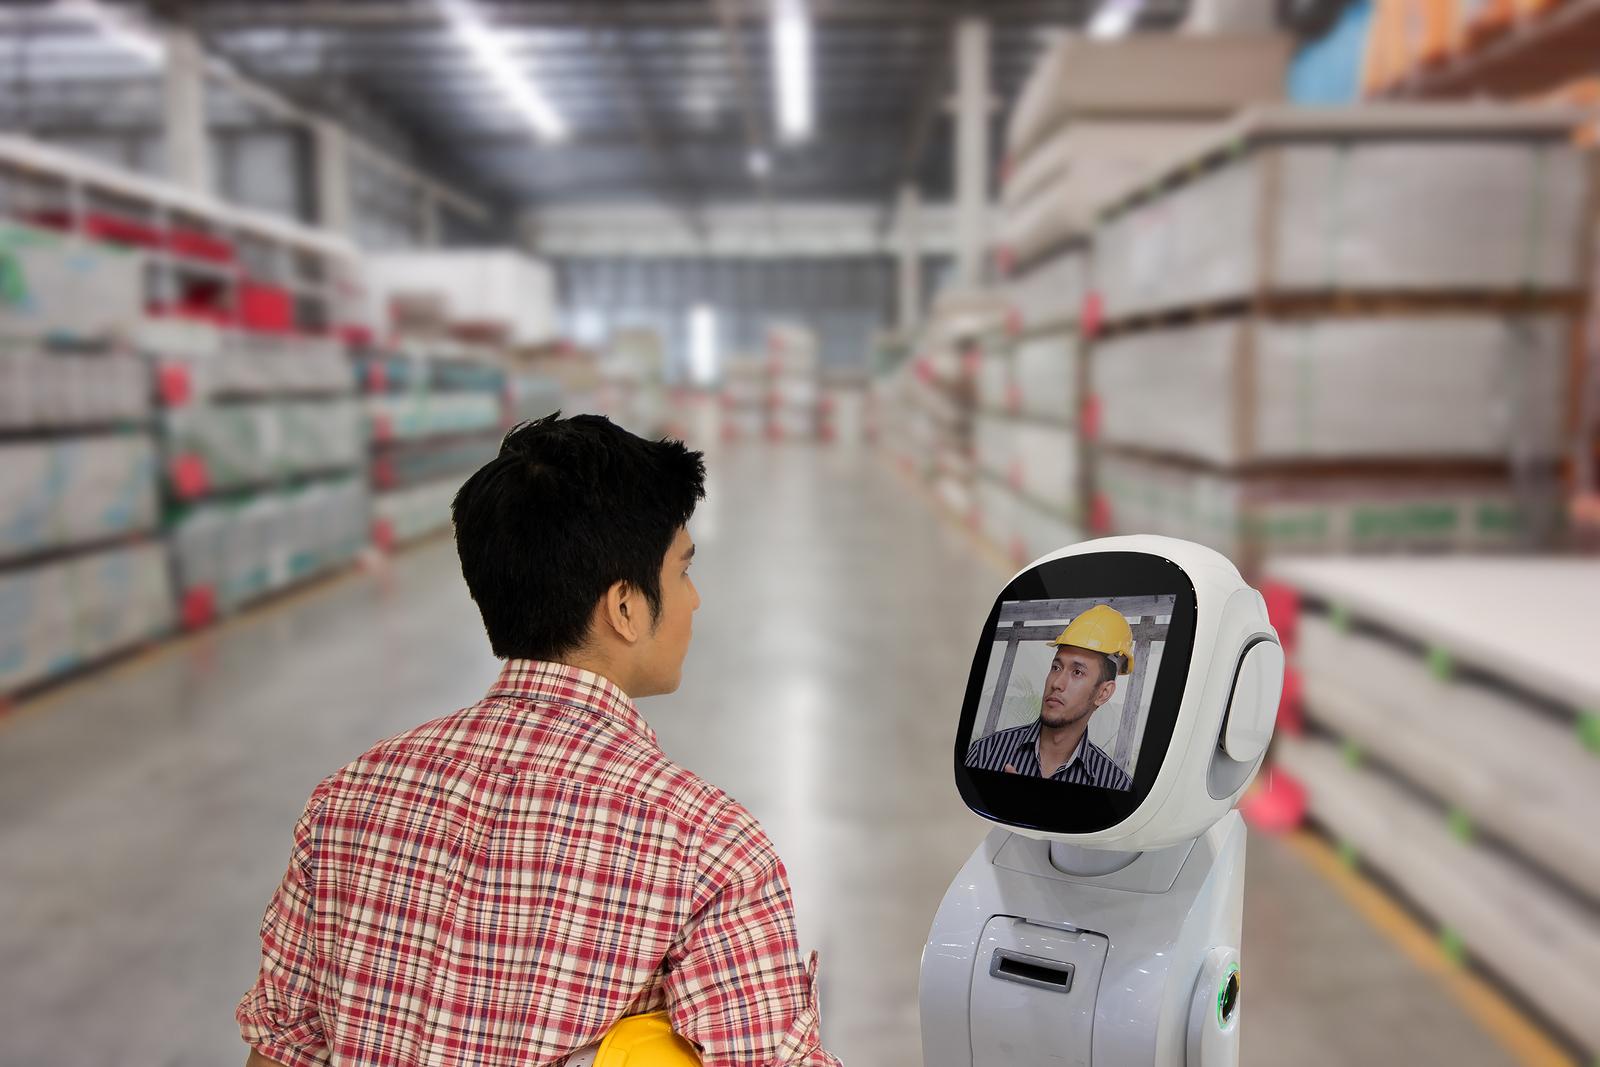 Ben Lamm, con su nueva startup Hypergiant, apunta a resolver problemas de negocios con herramientas impulsadas por inteligencia artificial, que pronto podremos experimentar. - Foto: Bigstock.com